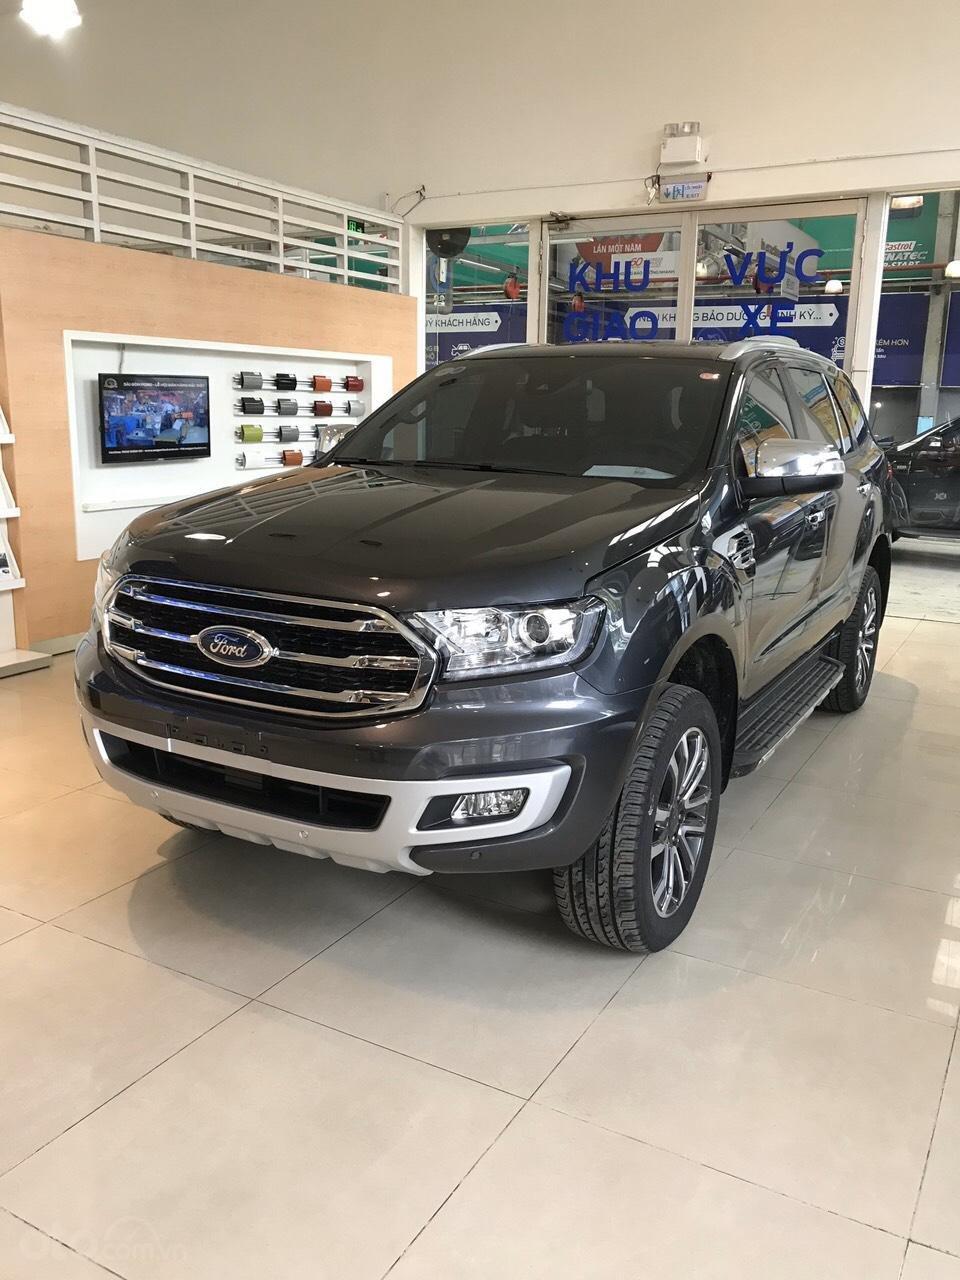 Bán Ford Everest 2019 nhập khẩu - đủ màu, giao ngay, khuyến mãi hấp dẫn, LH: 0908812444 (2)